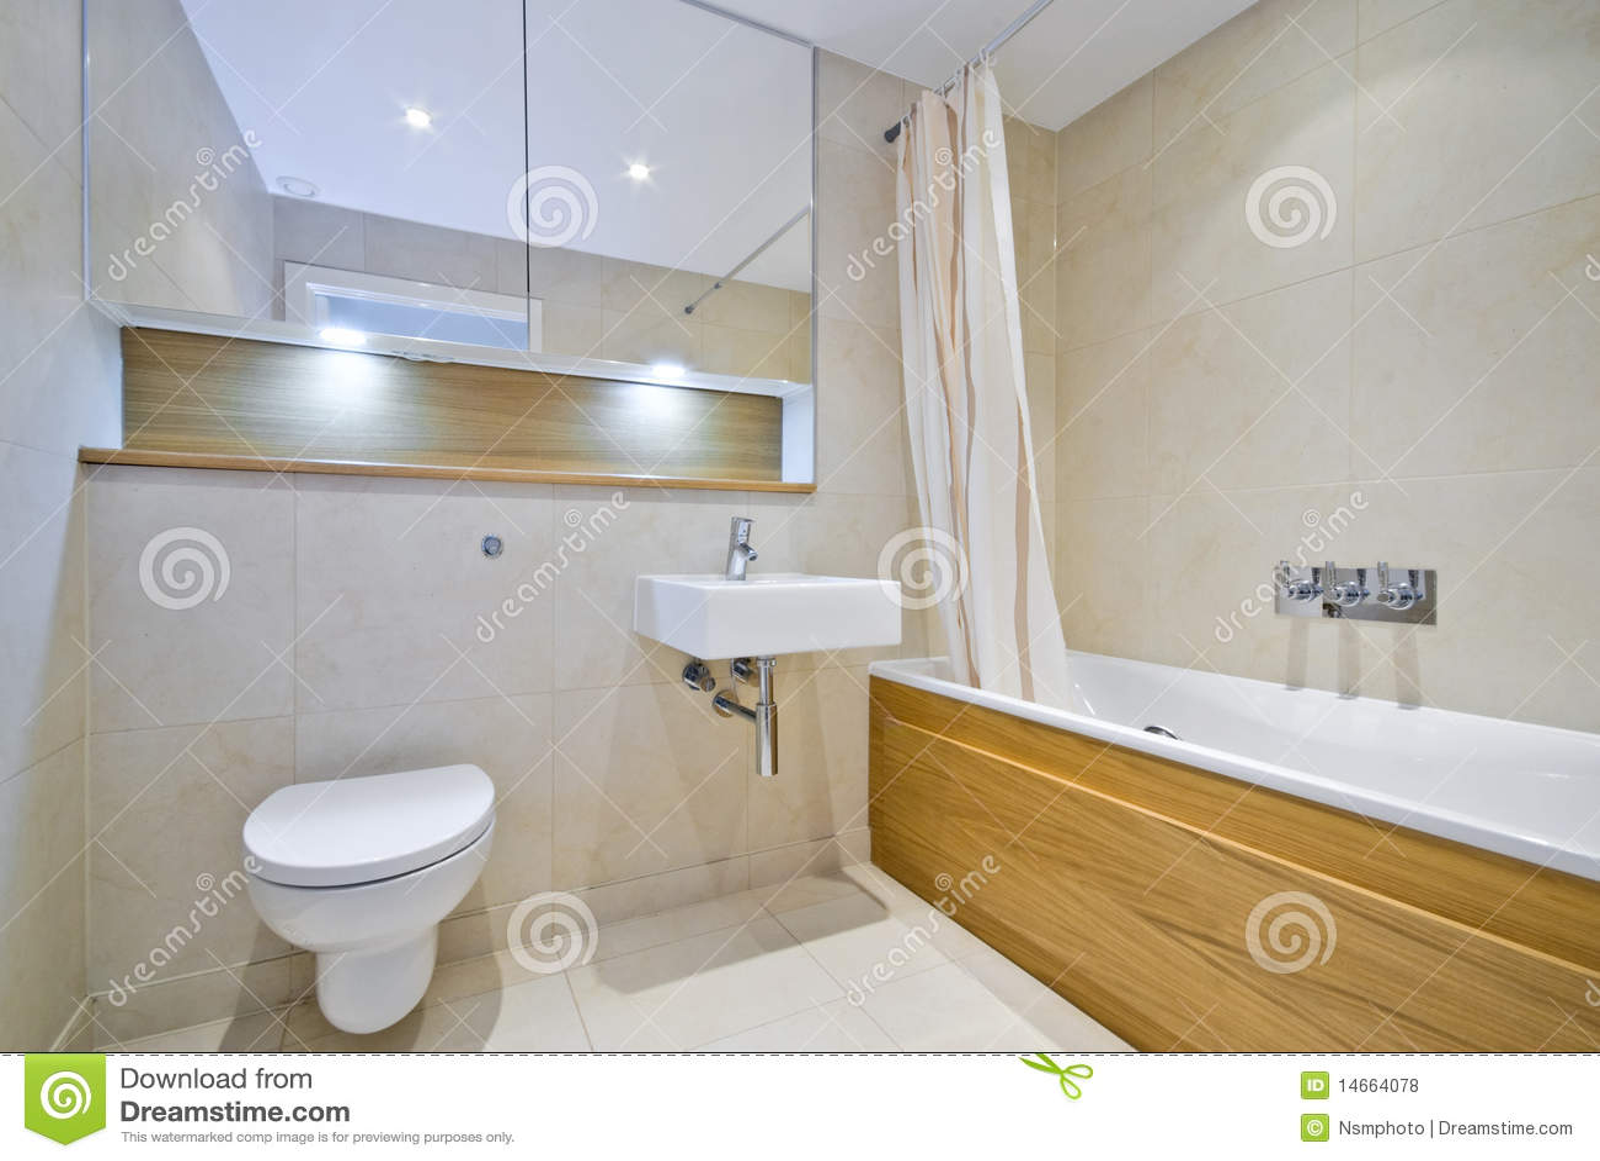 Moderne Badkamers Met Grote Badton In Beige Royalty-vrije ...